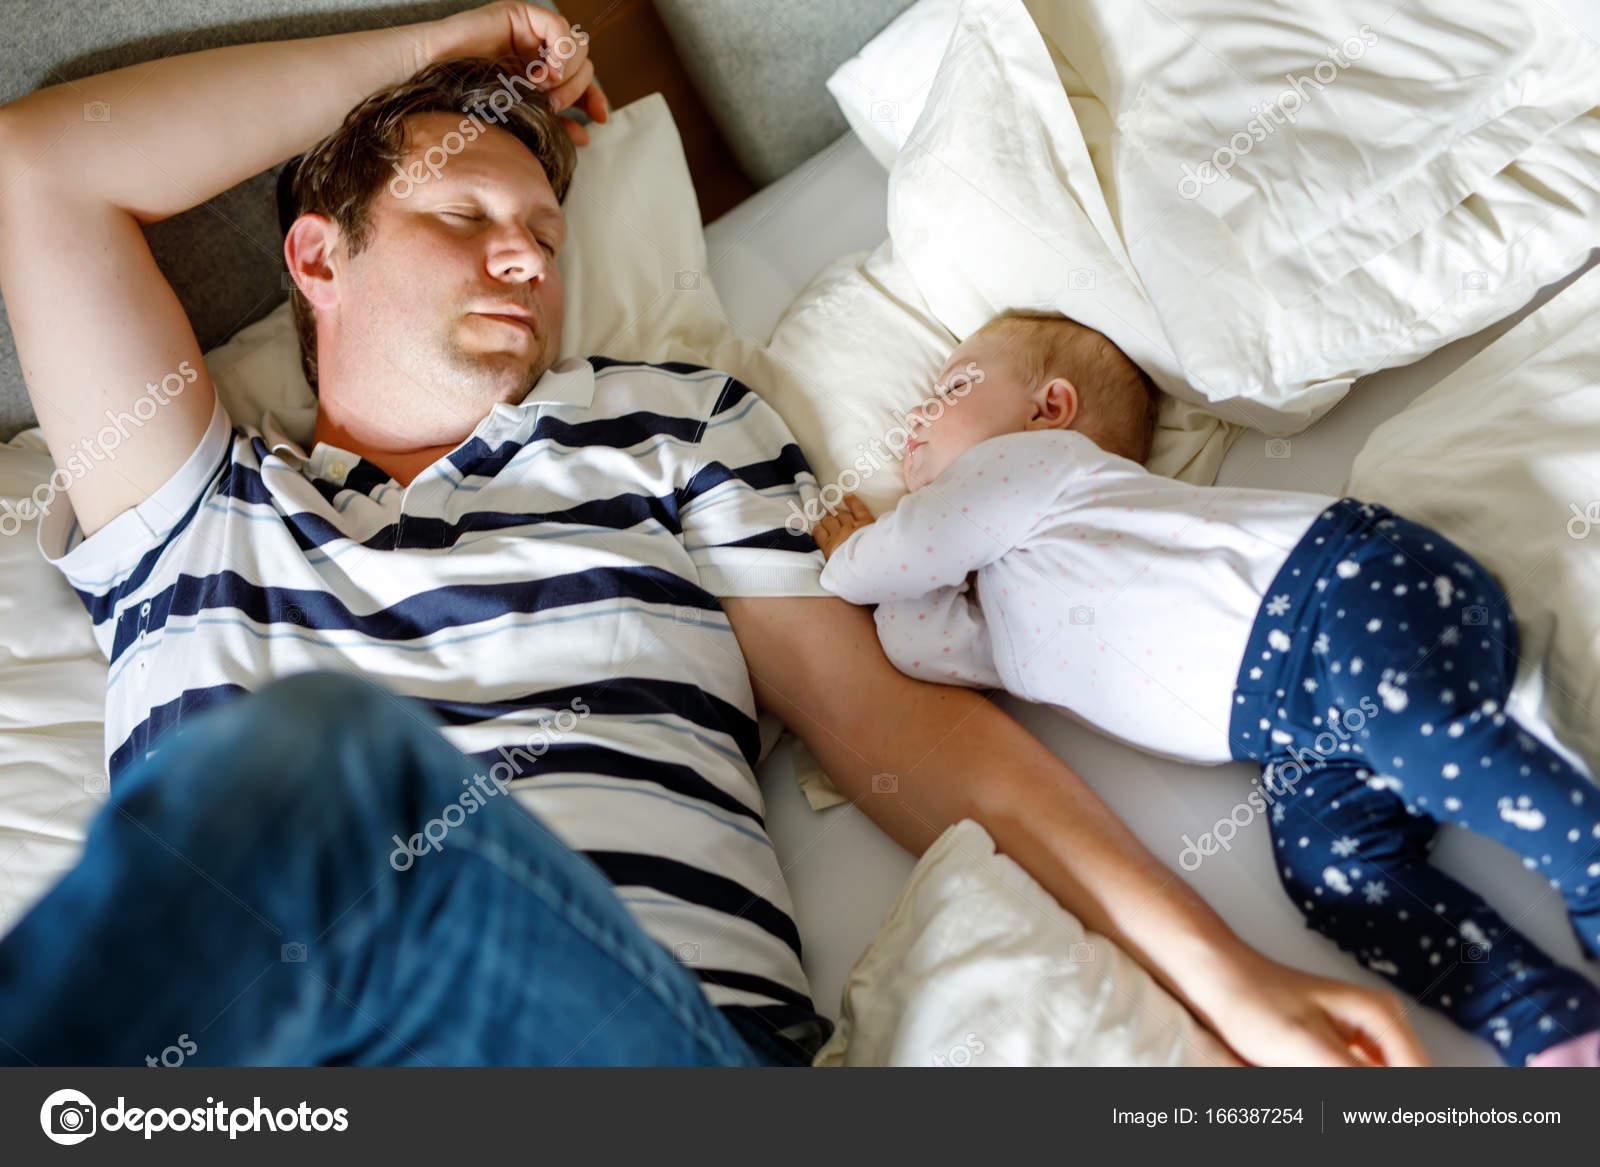 Трахнул красивую сестру пока она спала, У брата и сестры одна комната на двоих - видео ролик 16 фотография